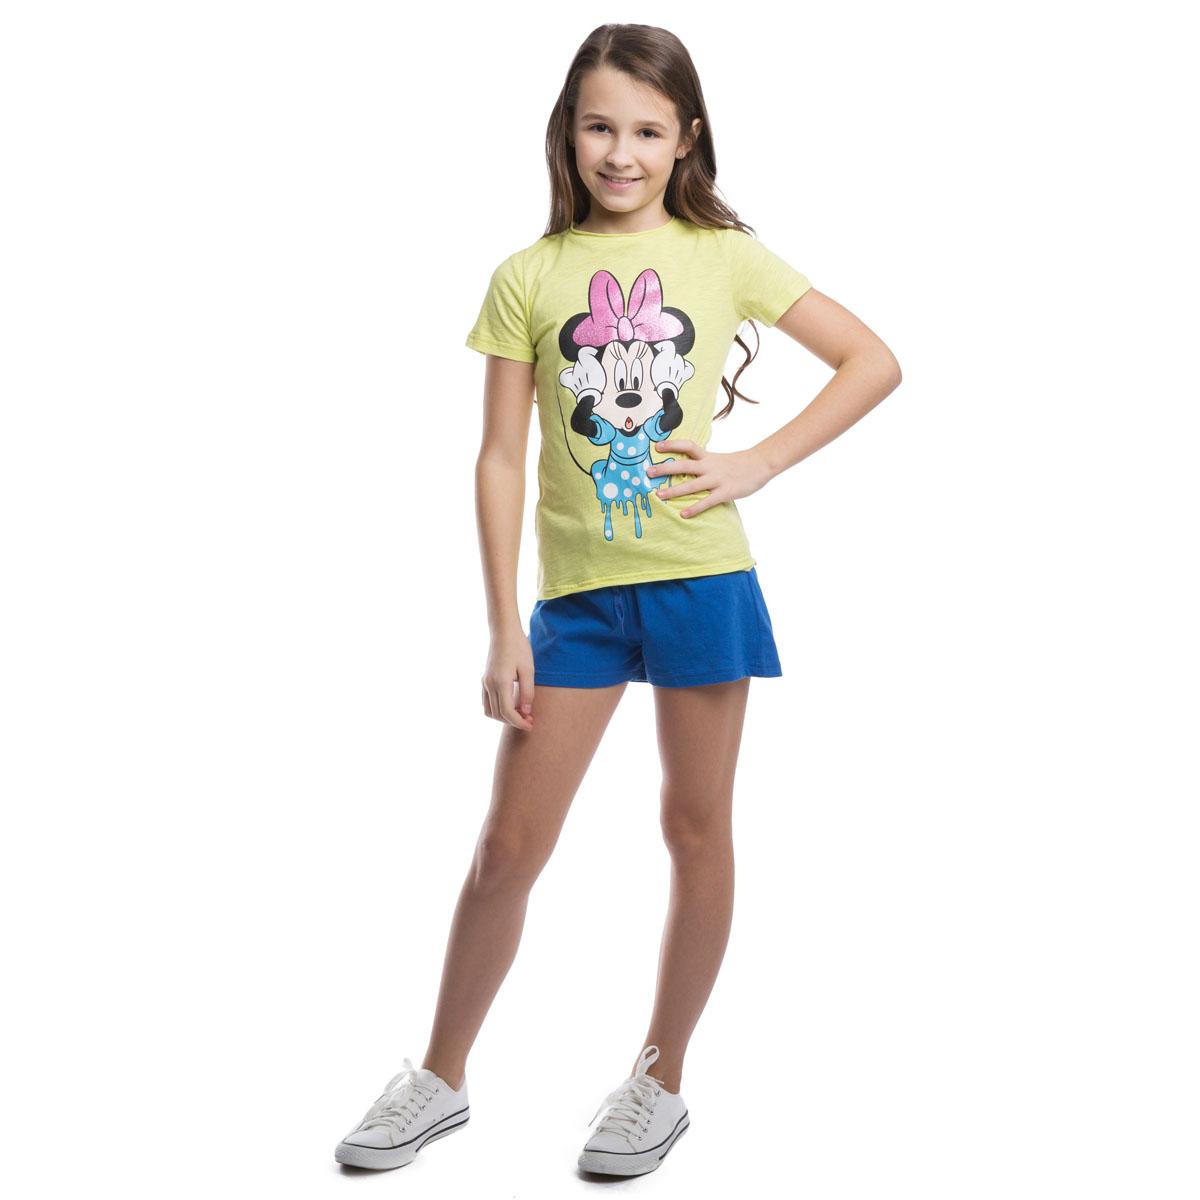 Футболка964001Легкая хлопковая футболка яркого цвета. Модель оформлена принтом с изображением Минни Маус, глиттерный бантик которой будет сверкать и переливаться на солнце.